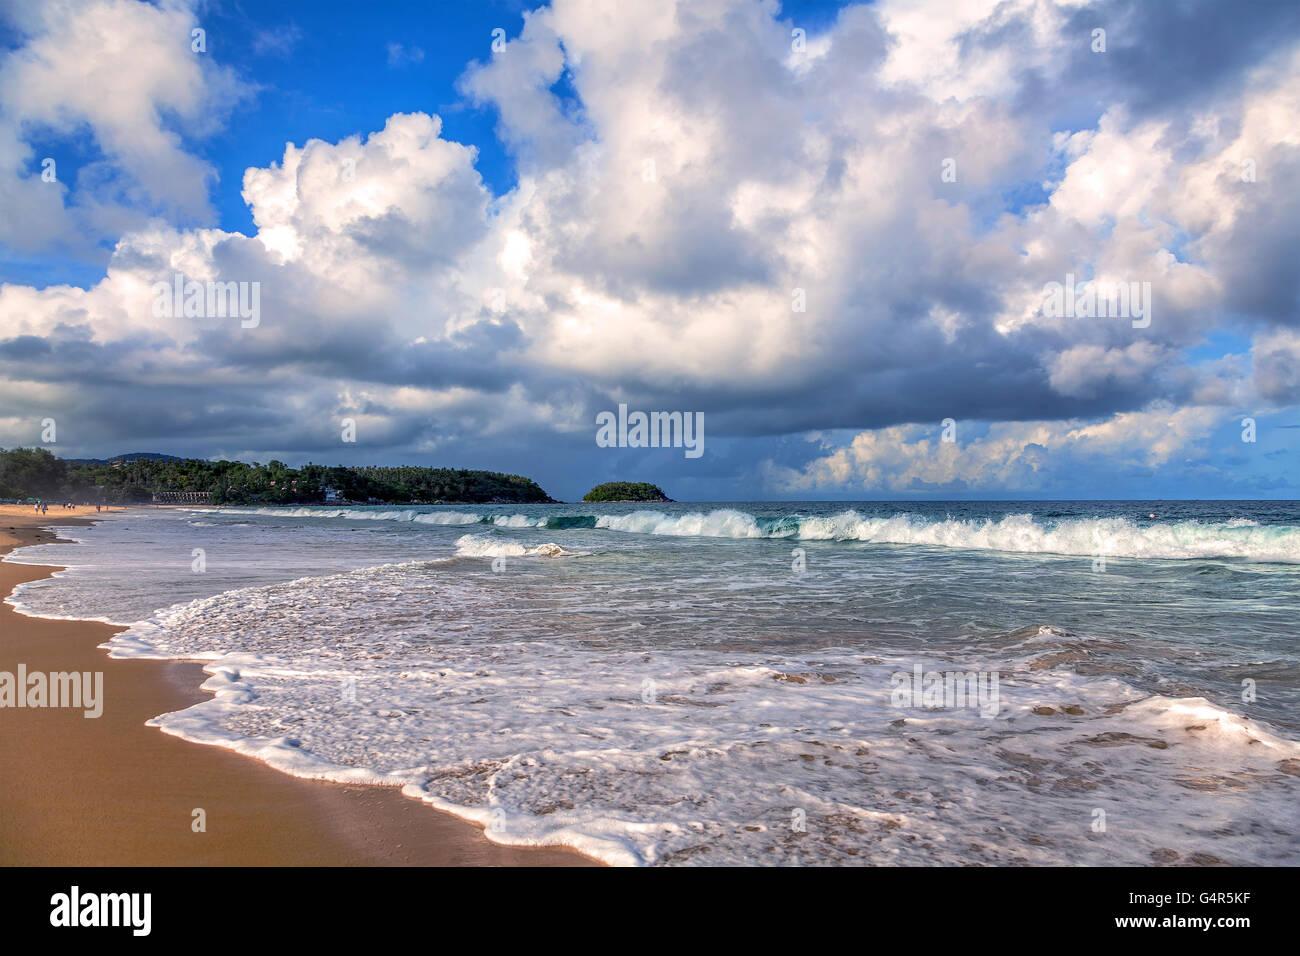 Tempête sur la plage de Karon. L'île de Phuket en Thaïlande. Photo Stock